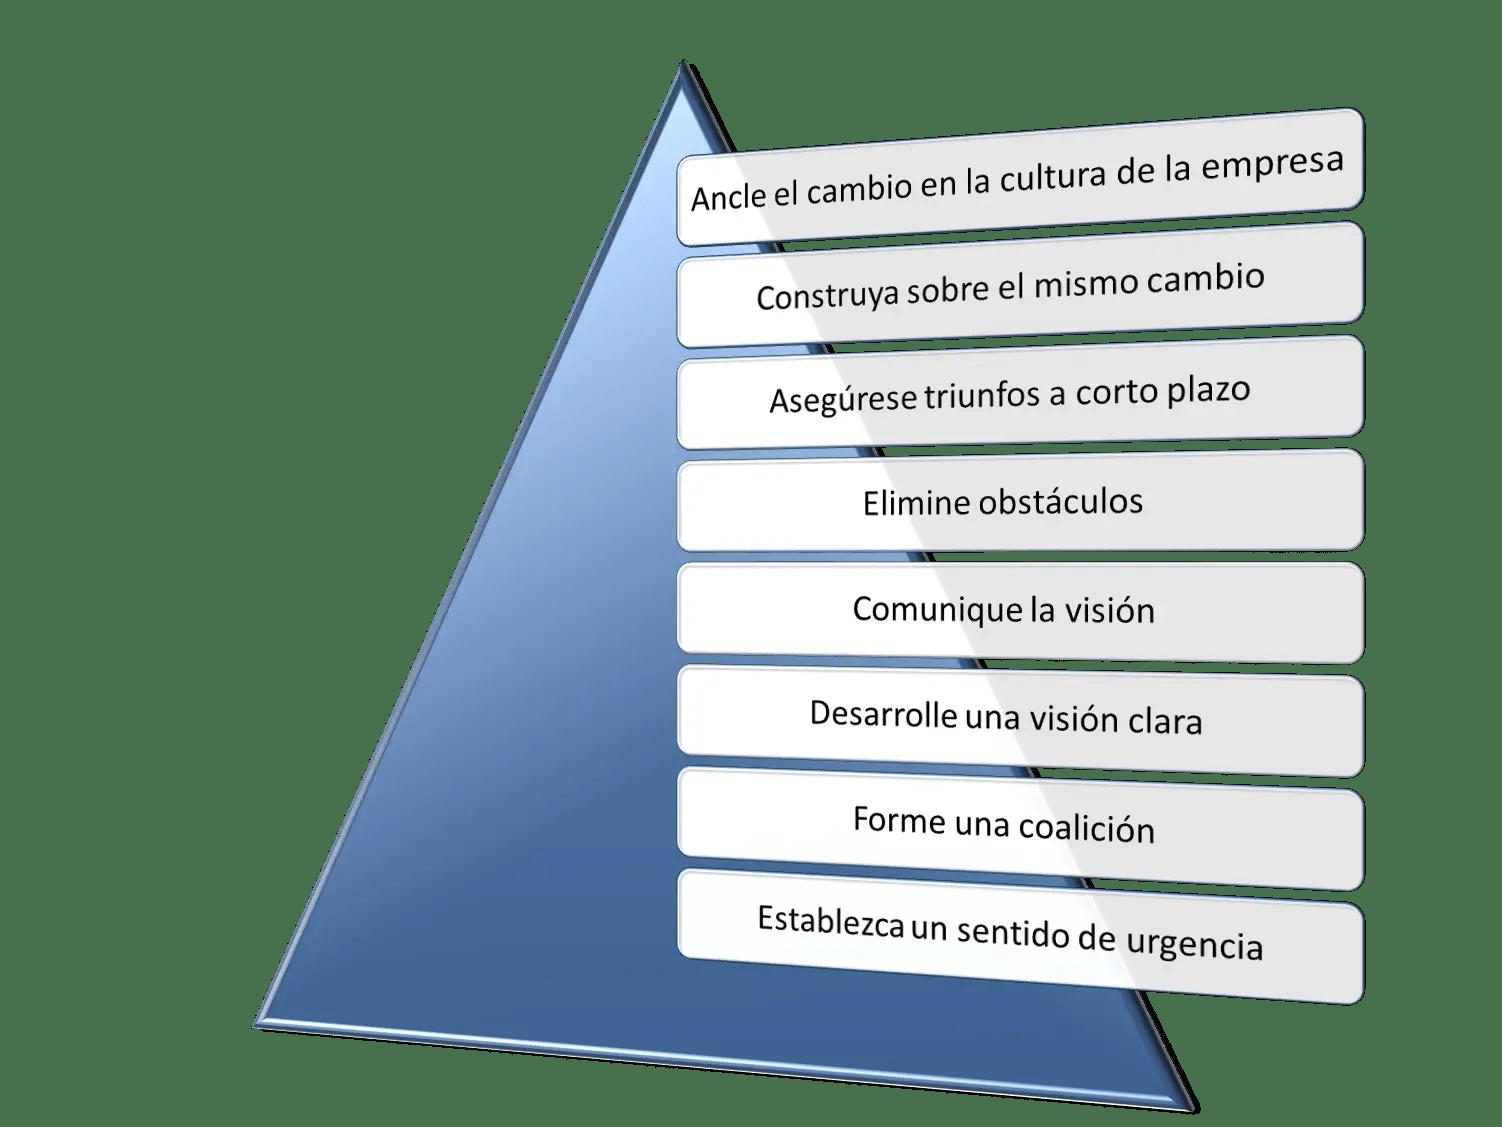 Modelo de Kotter de gestión del cambio en 8 pasos - Estr